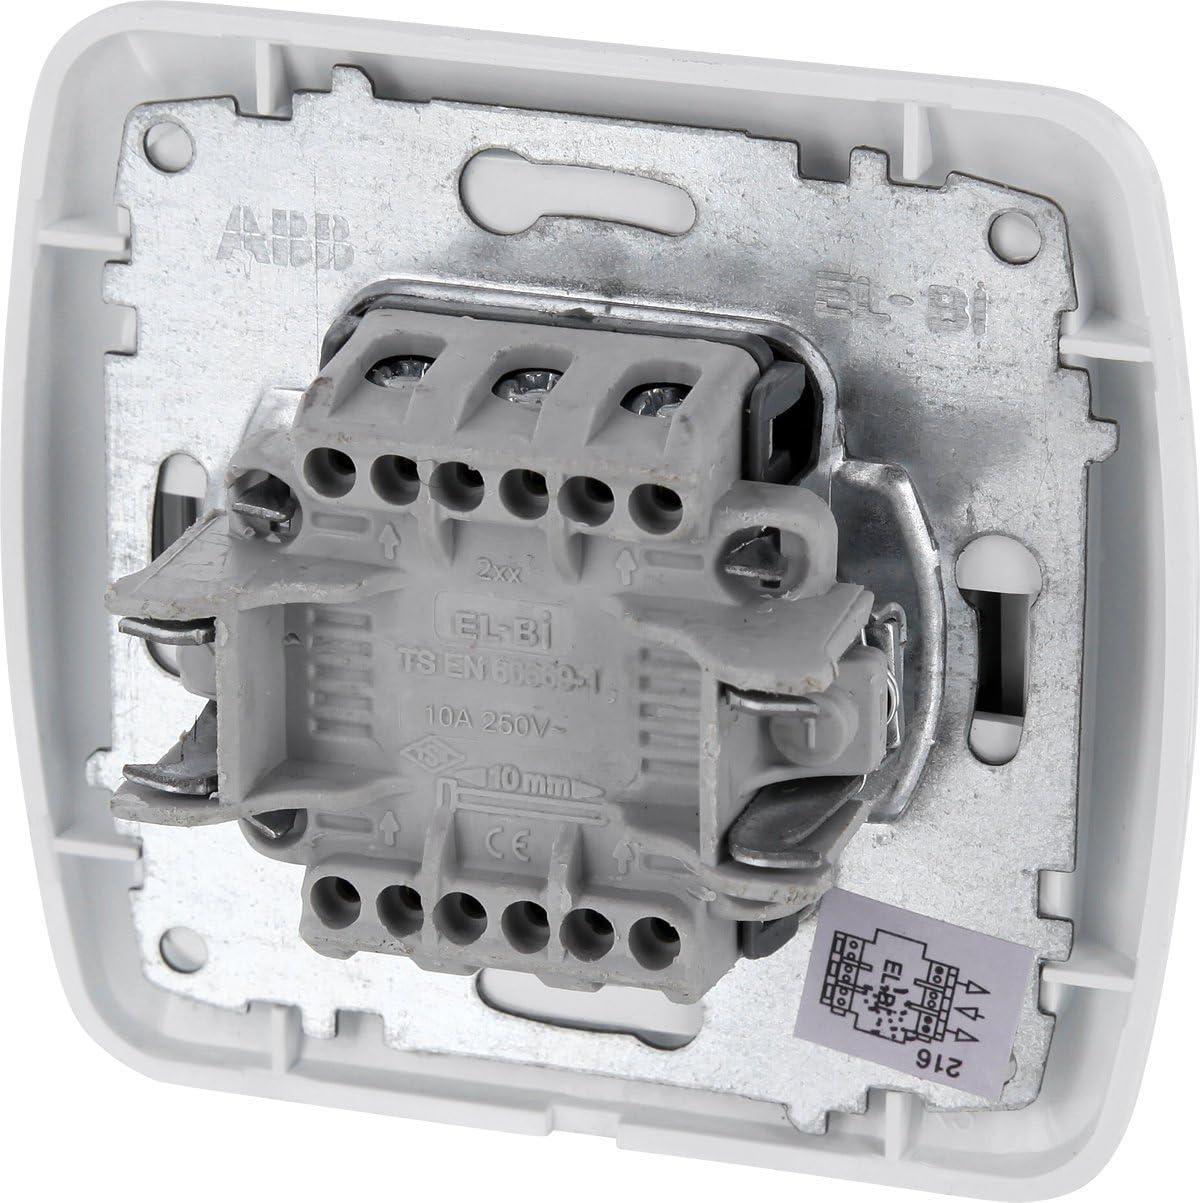 Unterputz-Einsatz Abdeckung UP Jalousietaster Serie T1 alpinwei/ß All-in-One Rahmen